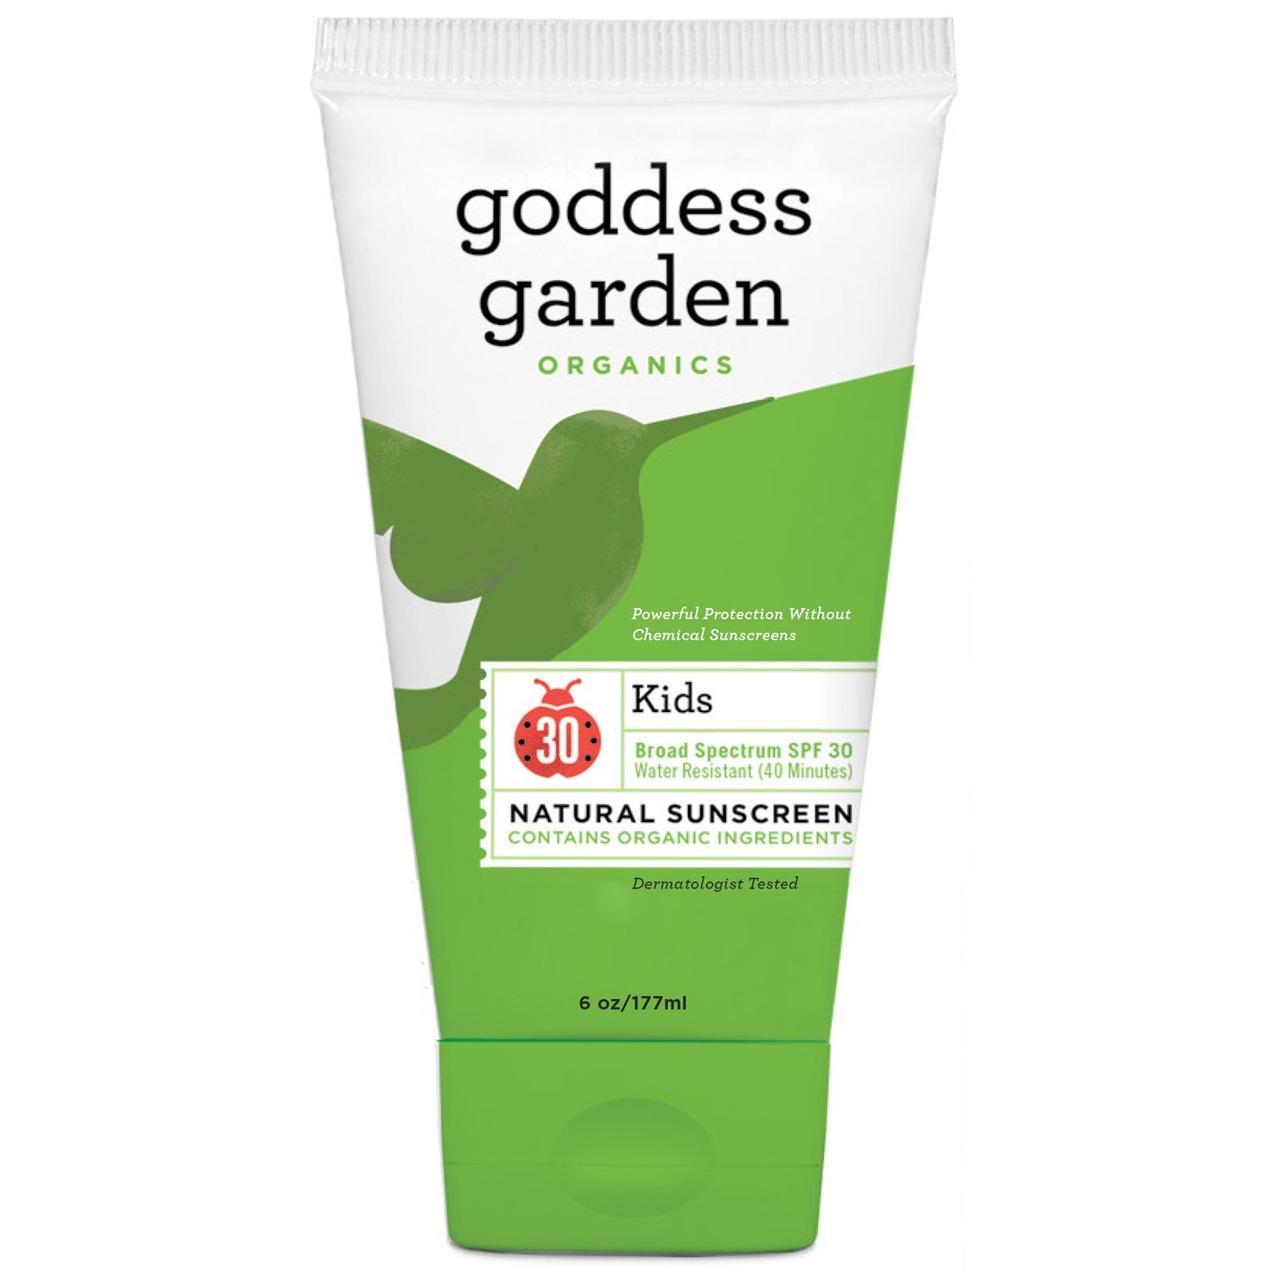 Goddess Garden, Organics, натуральное солнцезащитное средство для детей, SPF 30, 6 унций (177 мл) - Интернет-магазин для здоровой жизни в Киеве